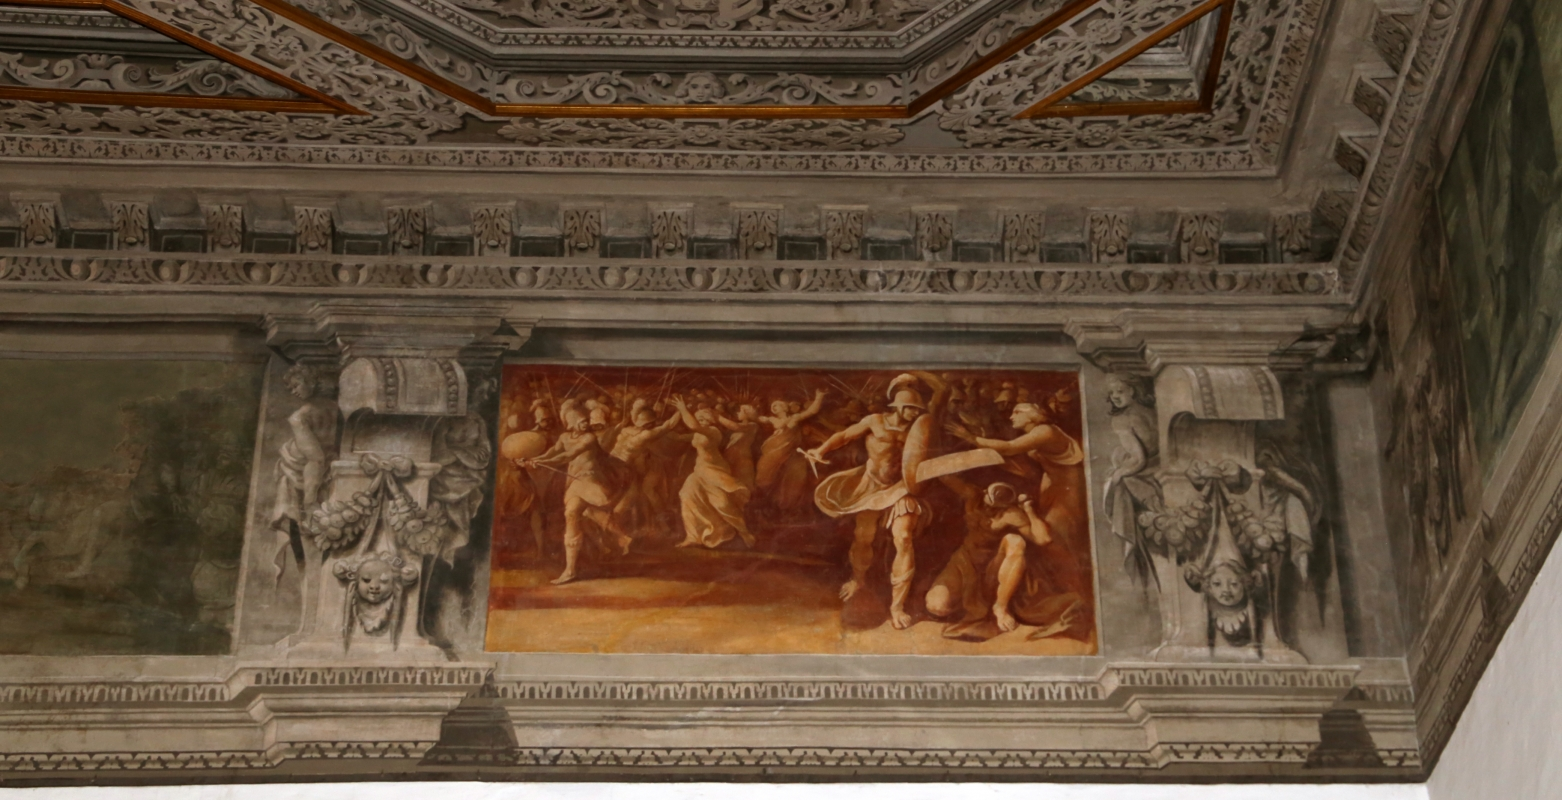 Gualtieri, palazzo bentivoglio, sala di giove, fregio con storie di roma da tito livio, 1600-05 circa, 10 - Sailko - Gualtieri (RE)